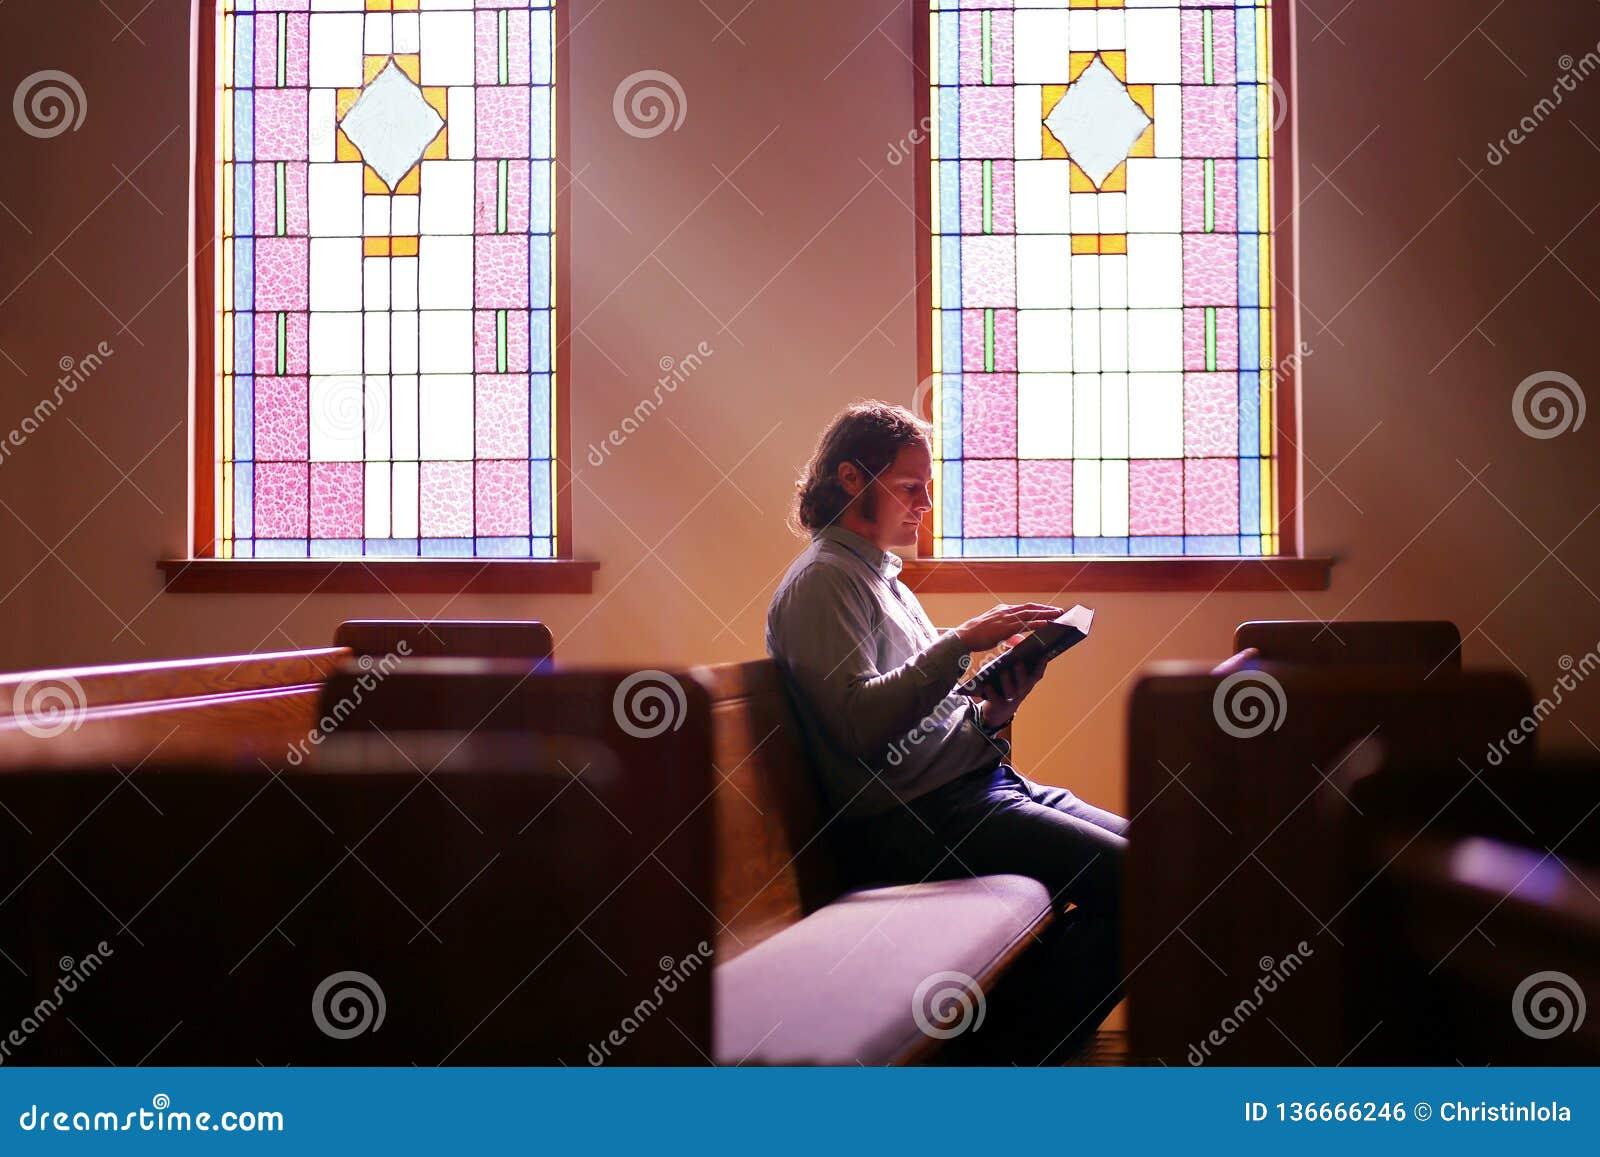 Christian Man Sitting Alone dans le banc vide foncé d église par la fenêtre en verre teinté lumineuse